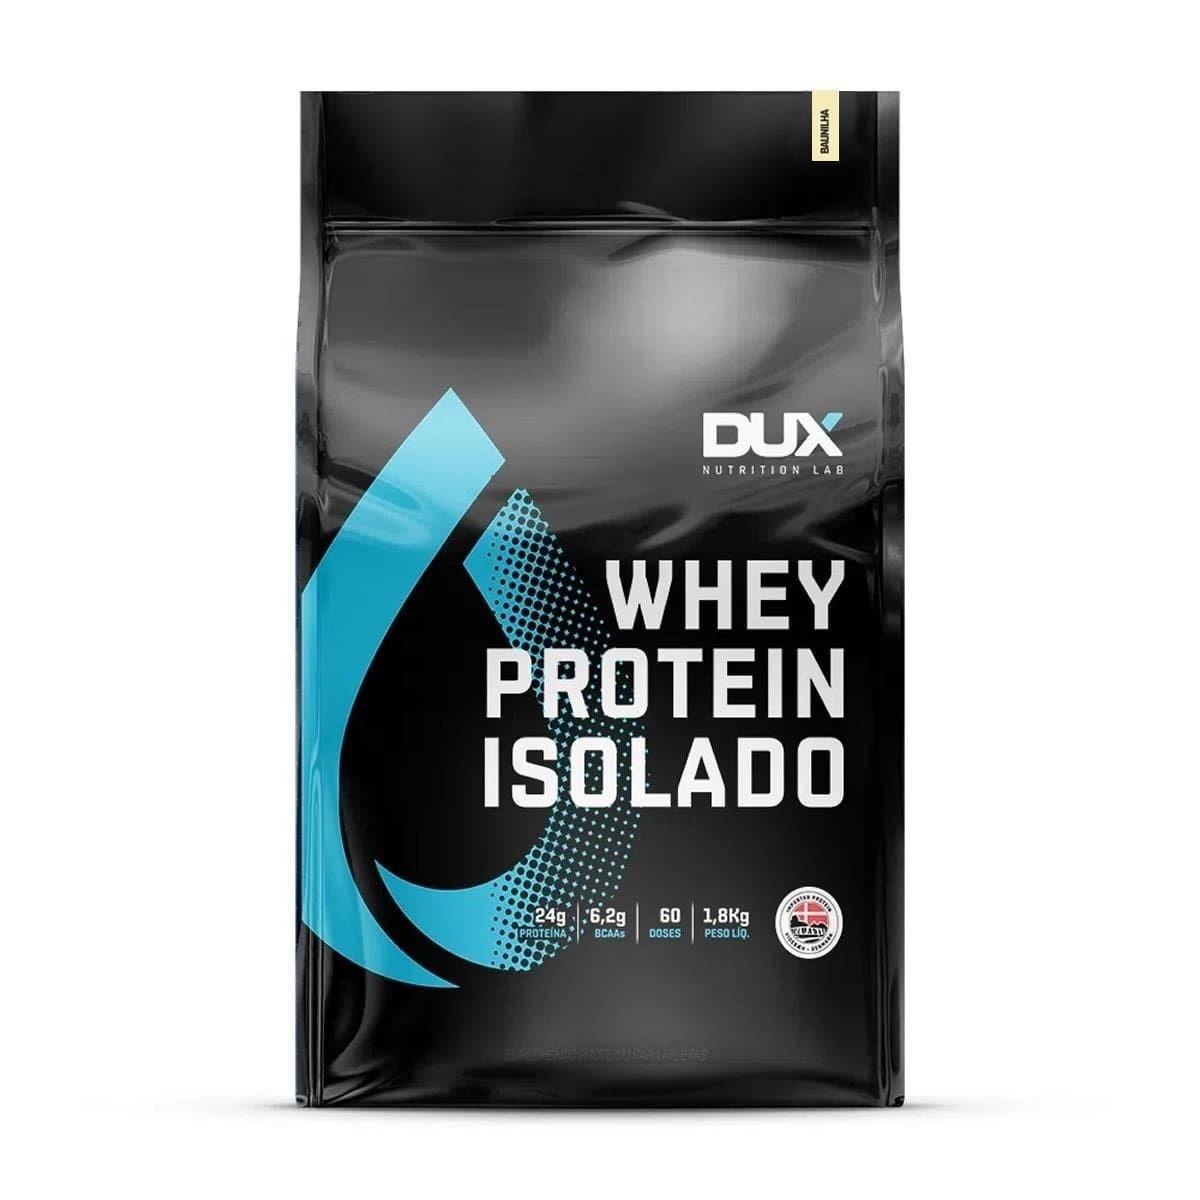 Whey Protein Isolado Dux - 1,8Kg(Refil)